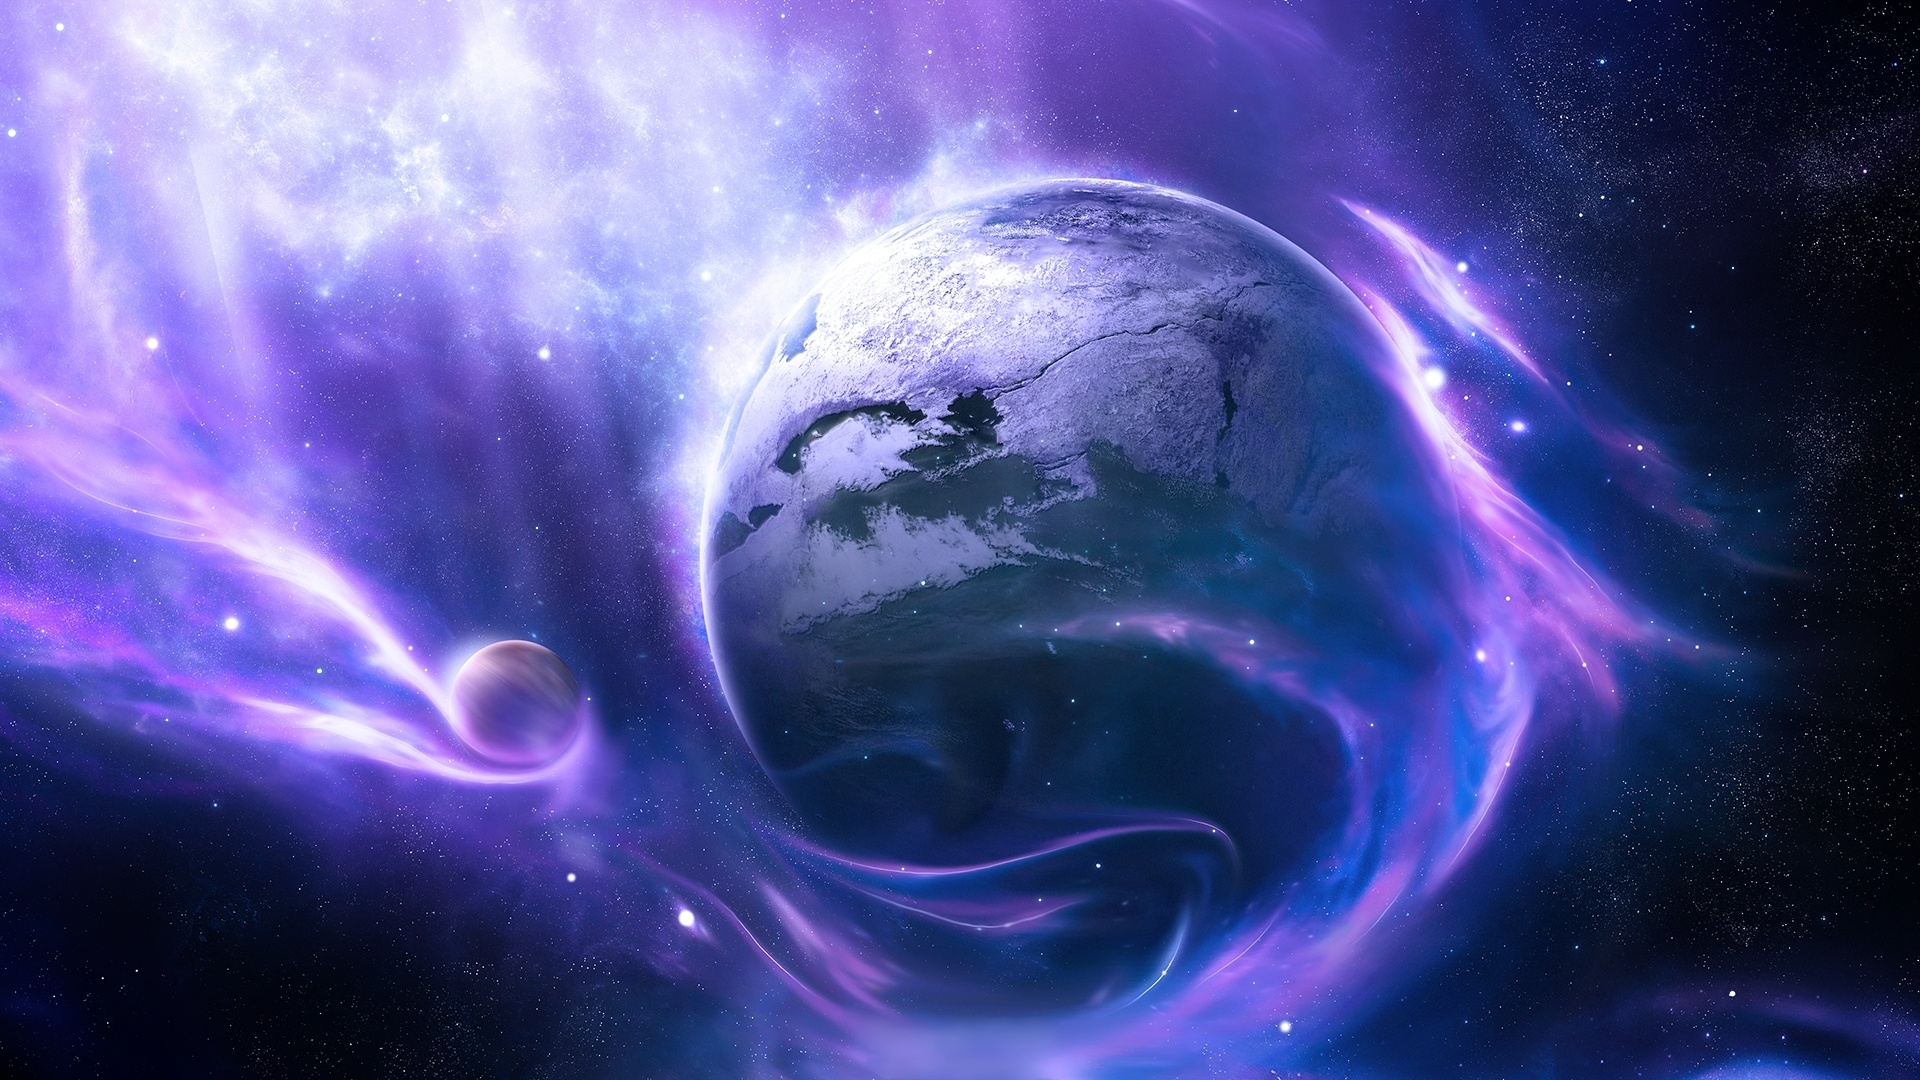 Fonds d'écran Planète, l'espace, les étoiles, le vent, bleu